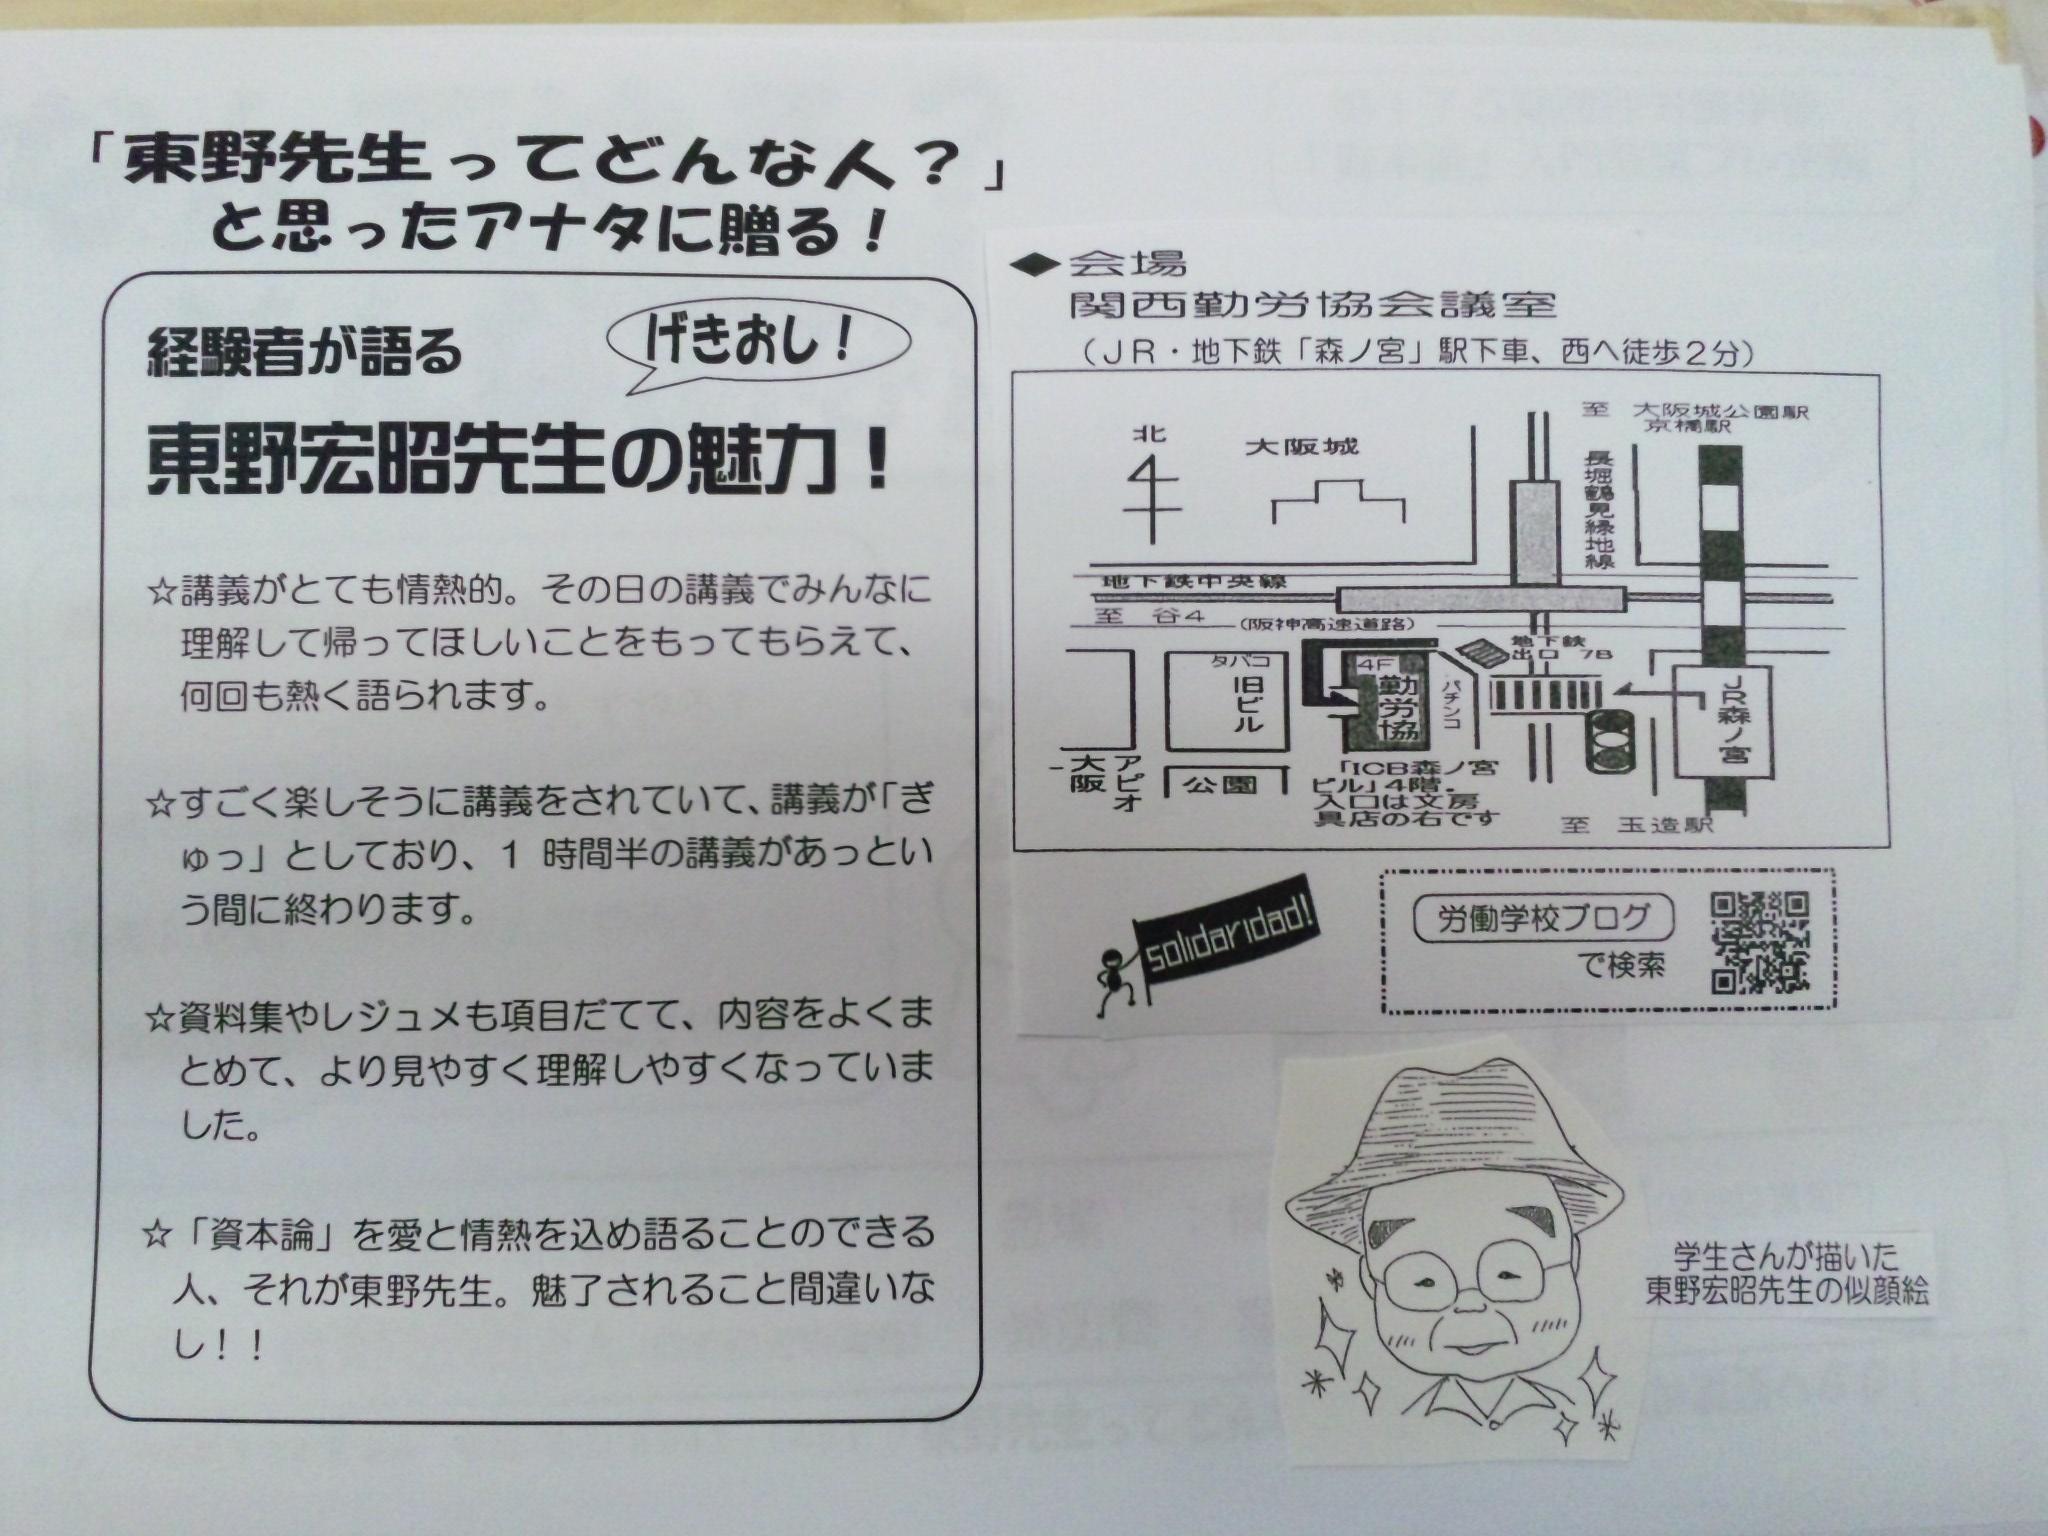 資本論入門教室プレ企画【裏面】